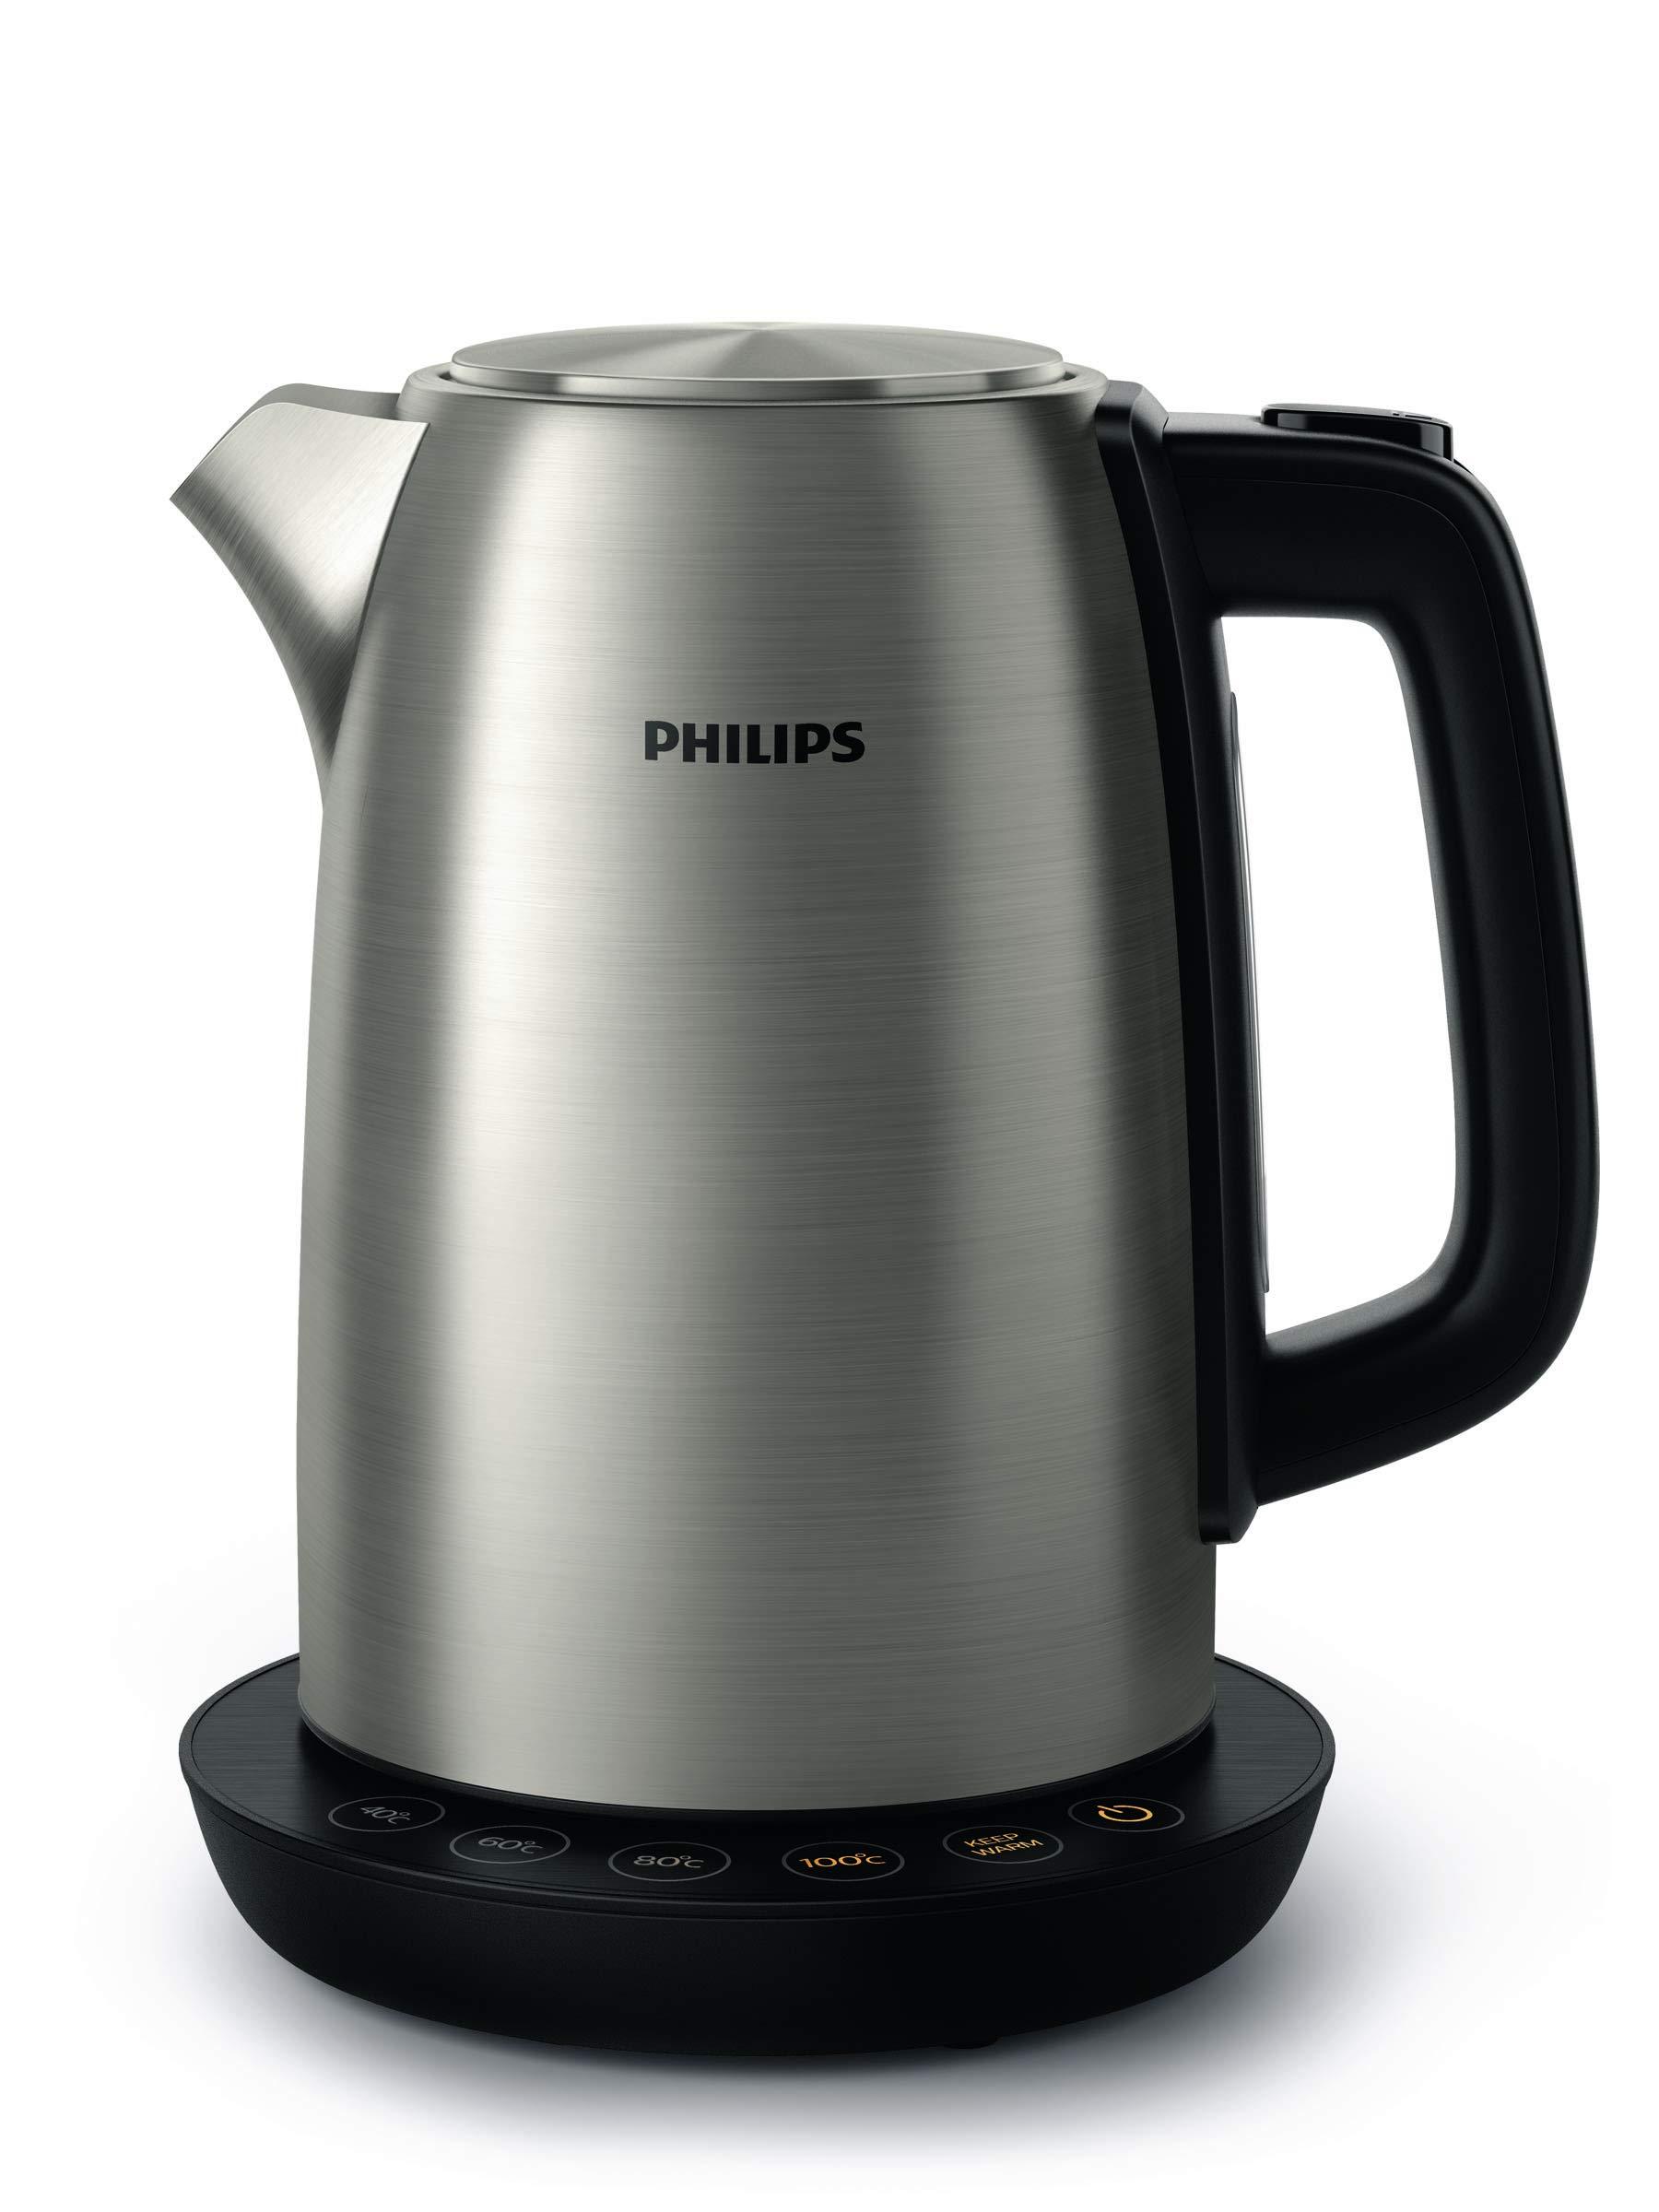 Philips-HD935990-Wasserkocher-aus-Edelstahl-fr-Tee-bis-Babynahrung-2200-Watt-17-Liter-Warmhaltefunktion